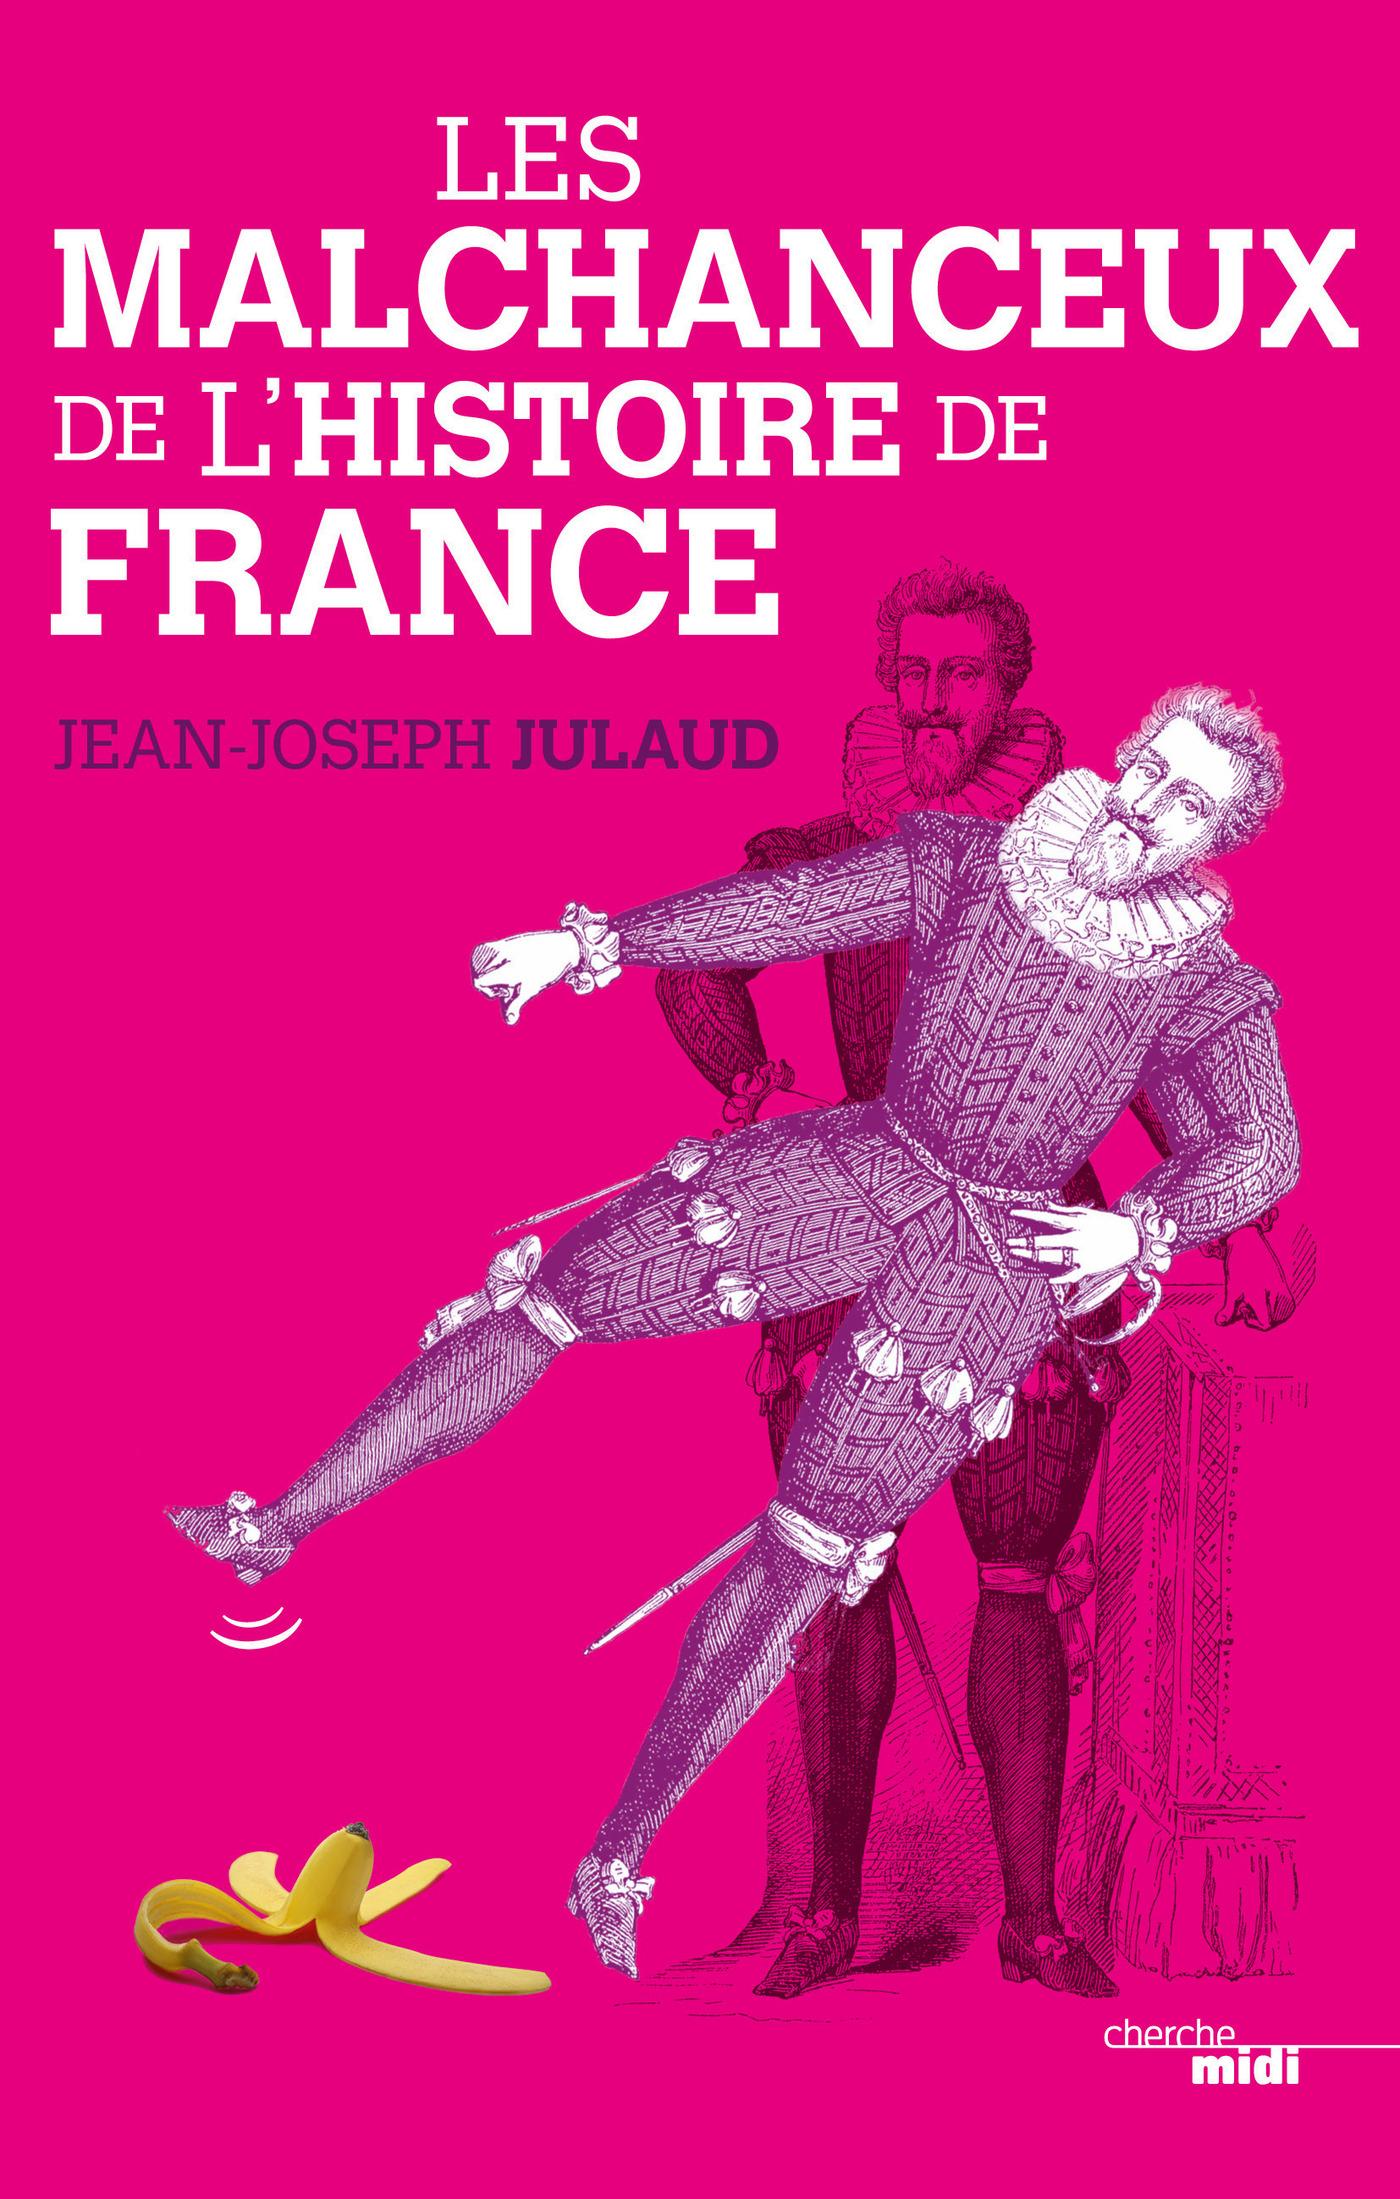 Les Malchanceux de l'Histoire de France